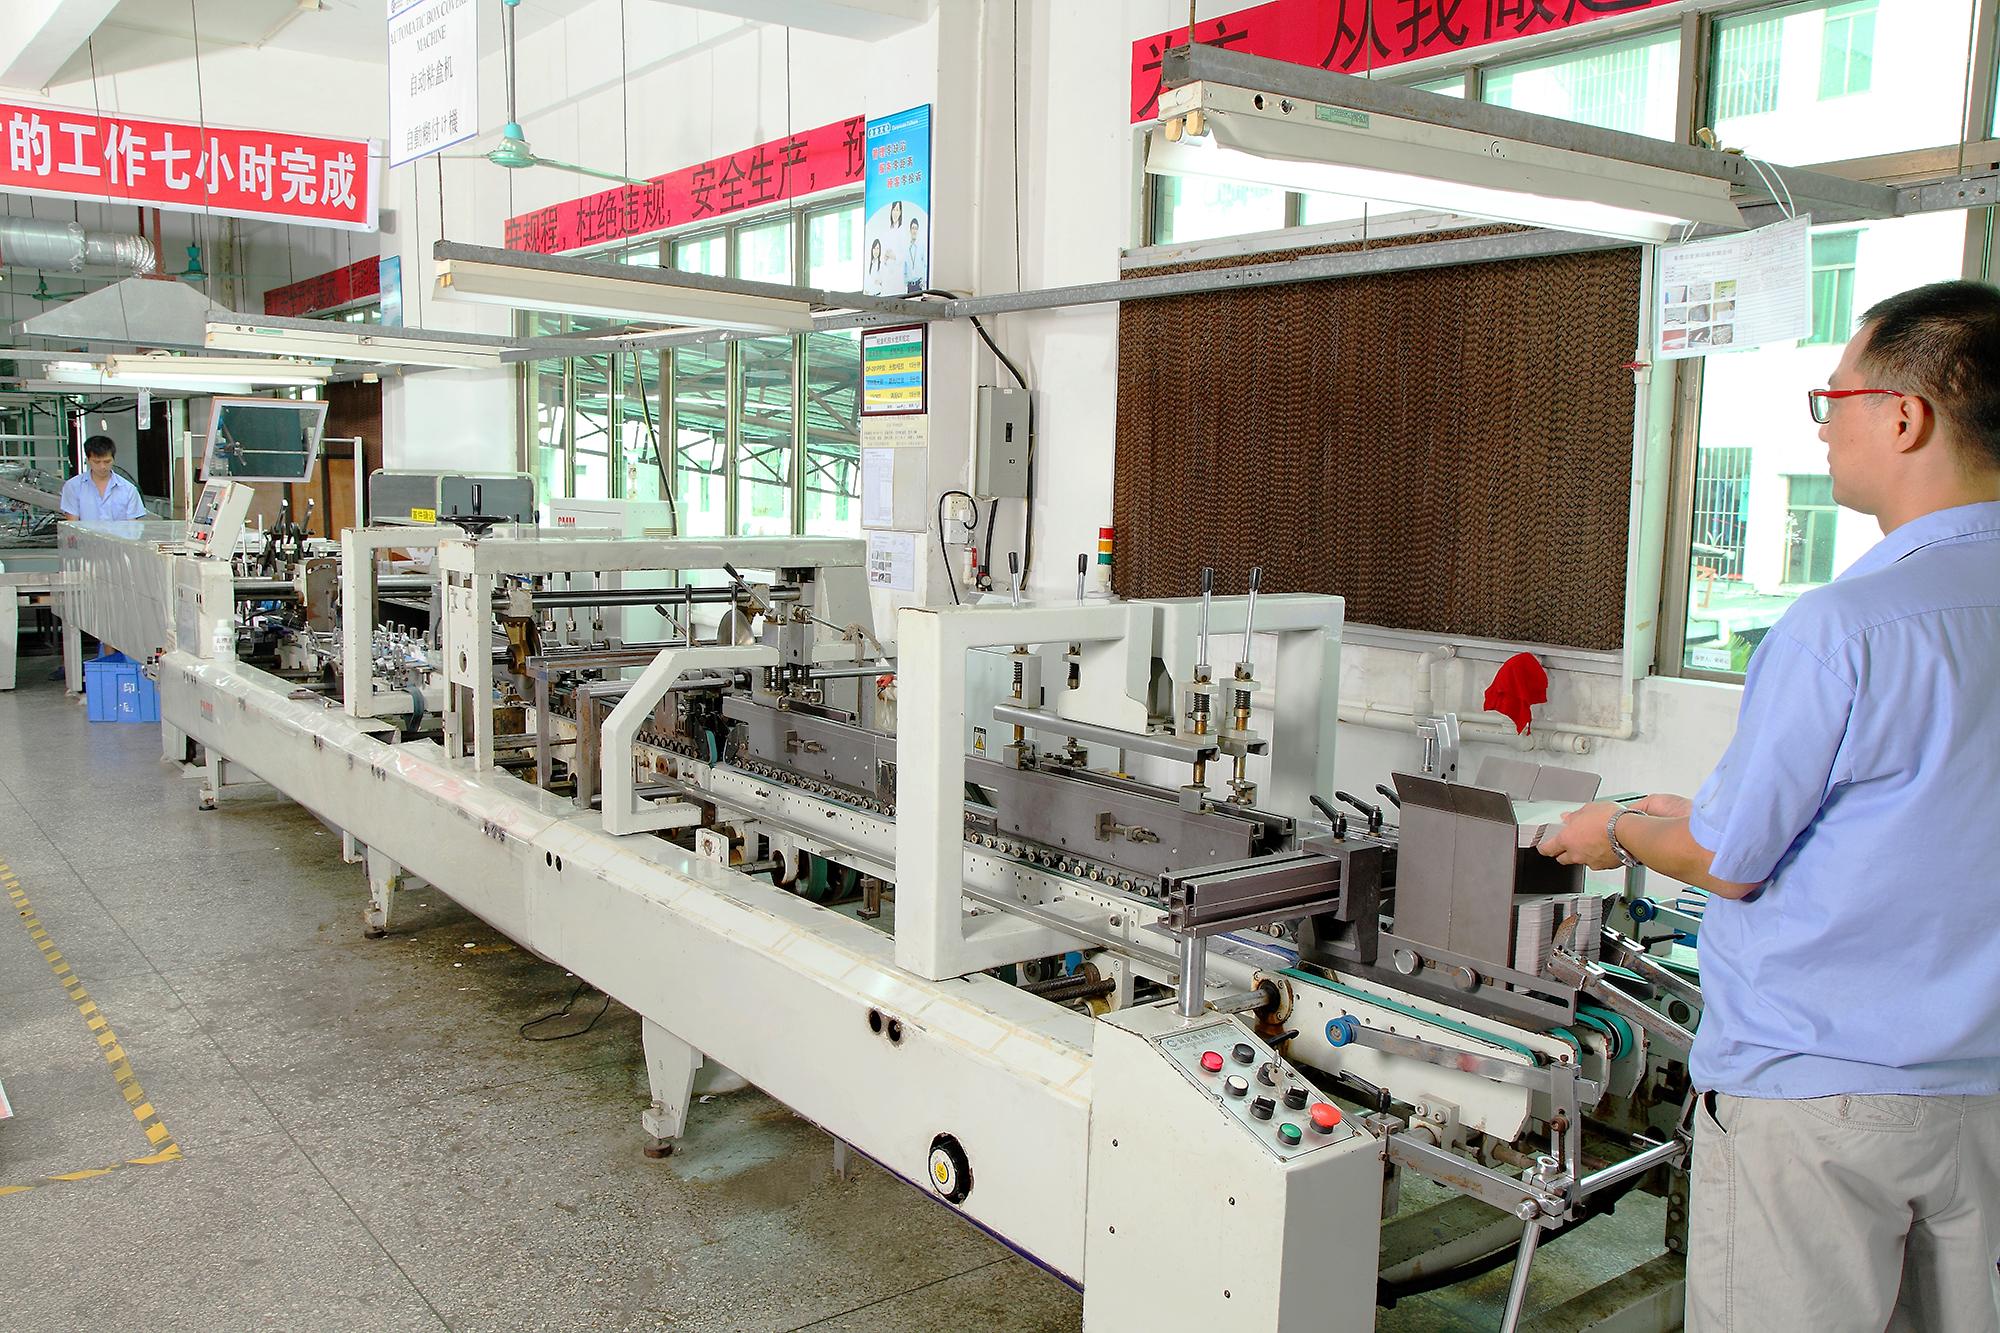 机器设备——东莞宏昇印刷